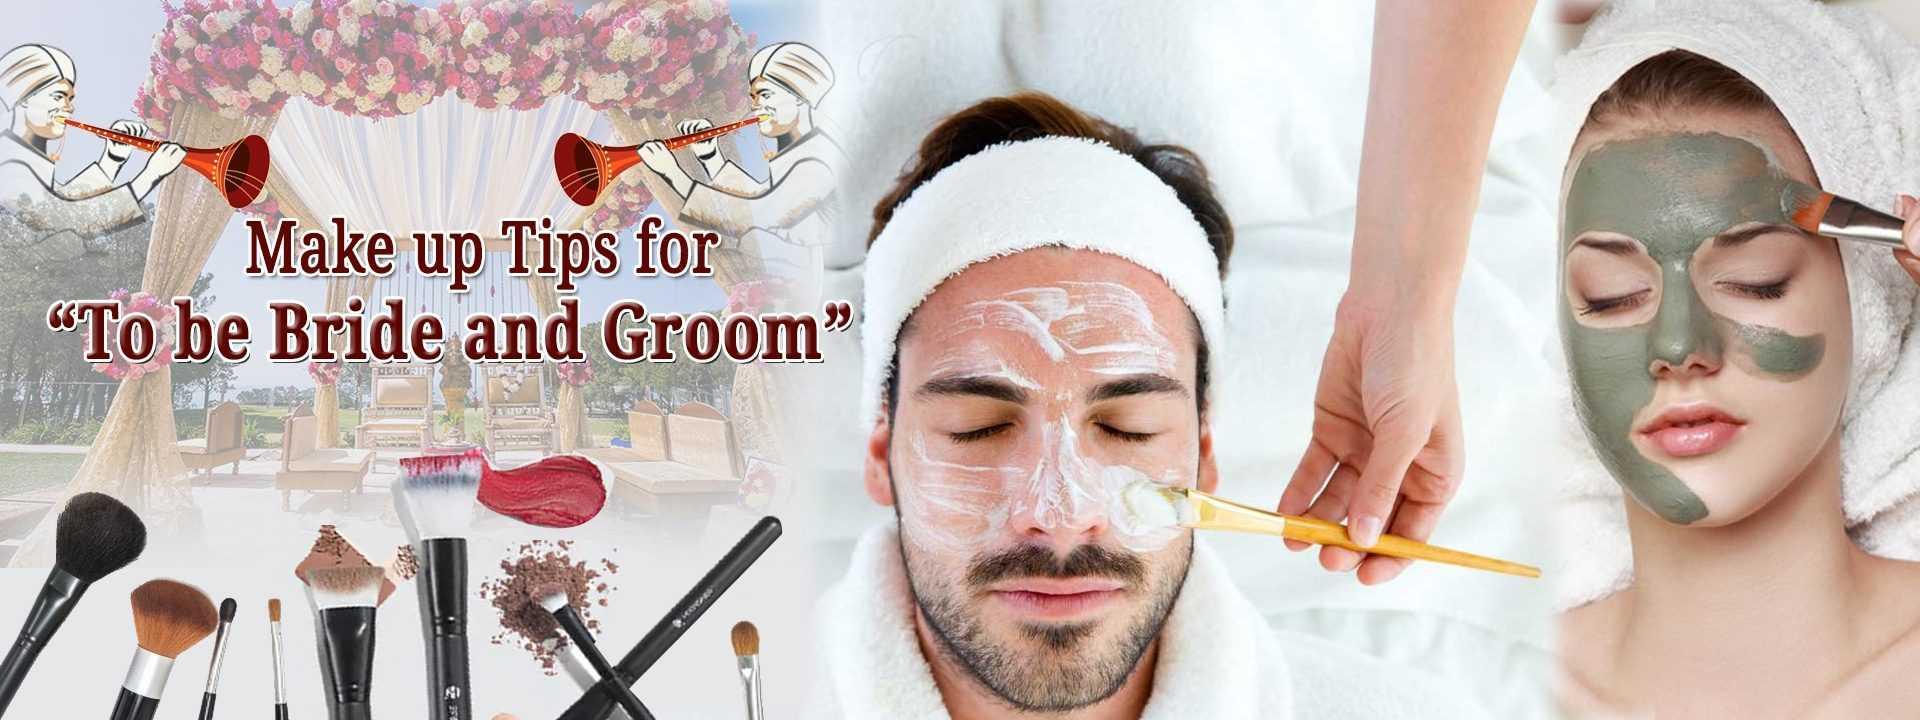 Make-up-Tips-bride-groom